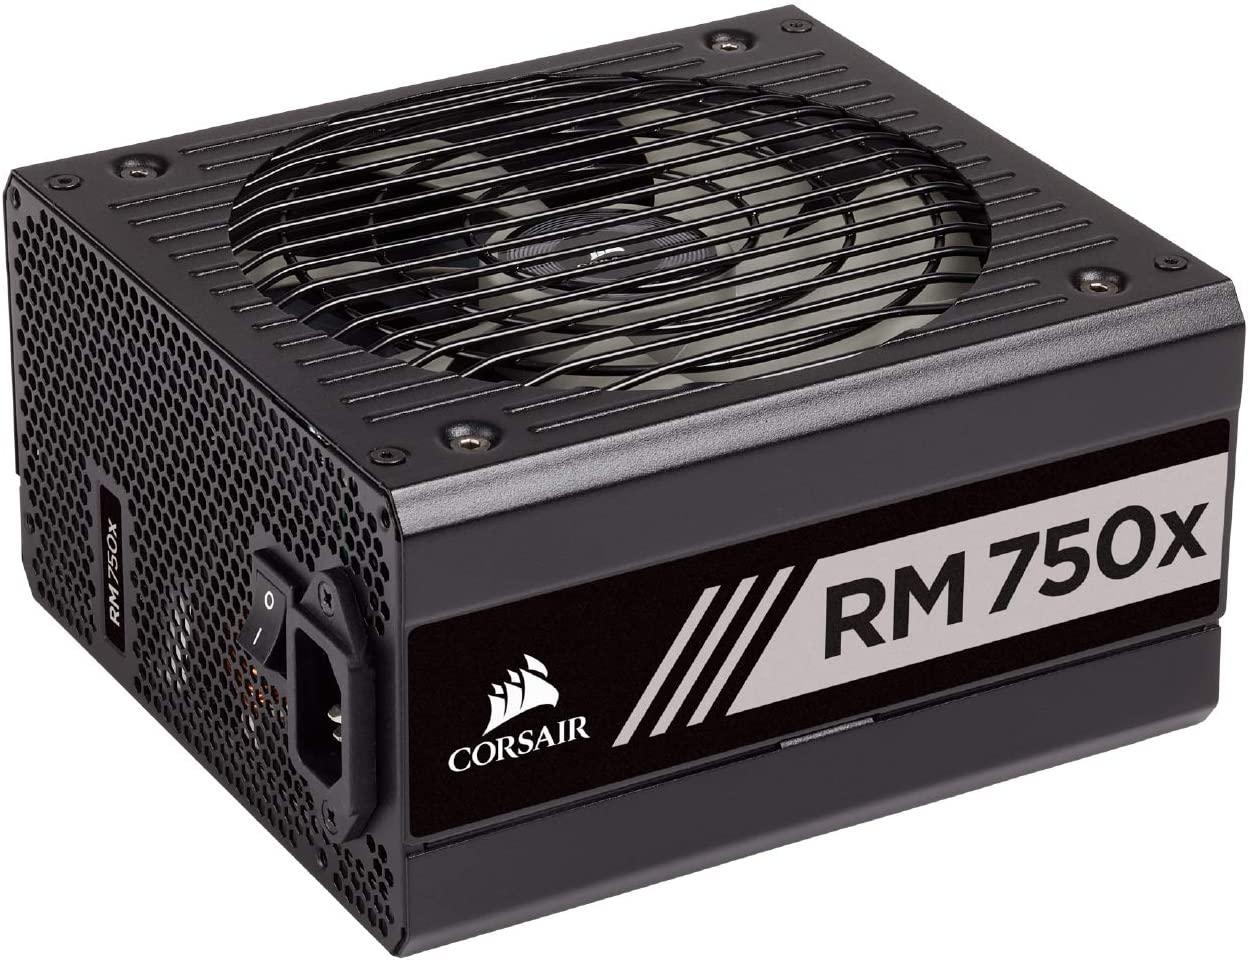 Corsair RMX Series, RM750x